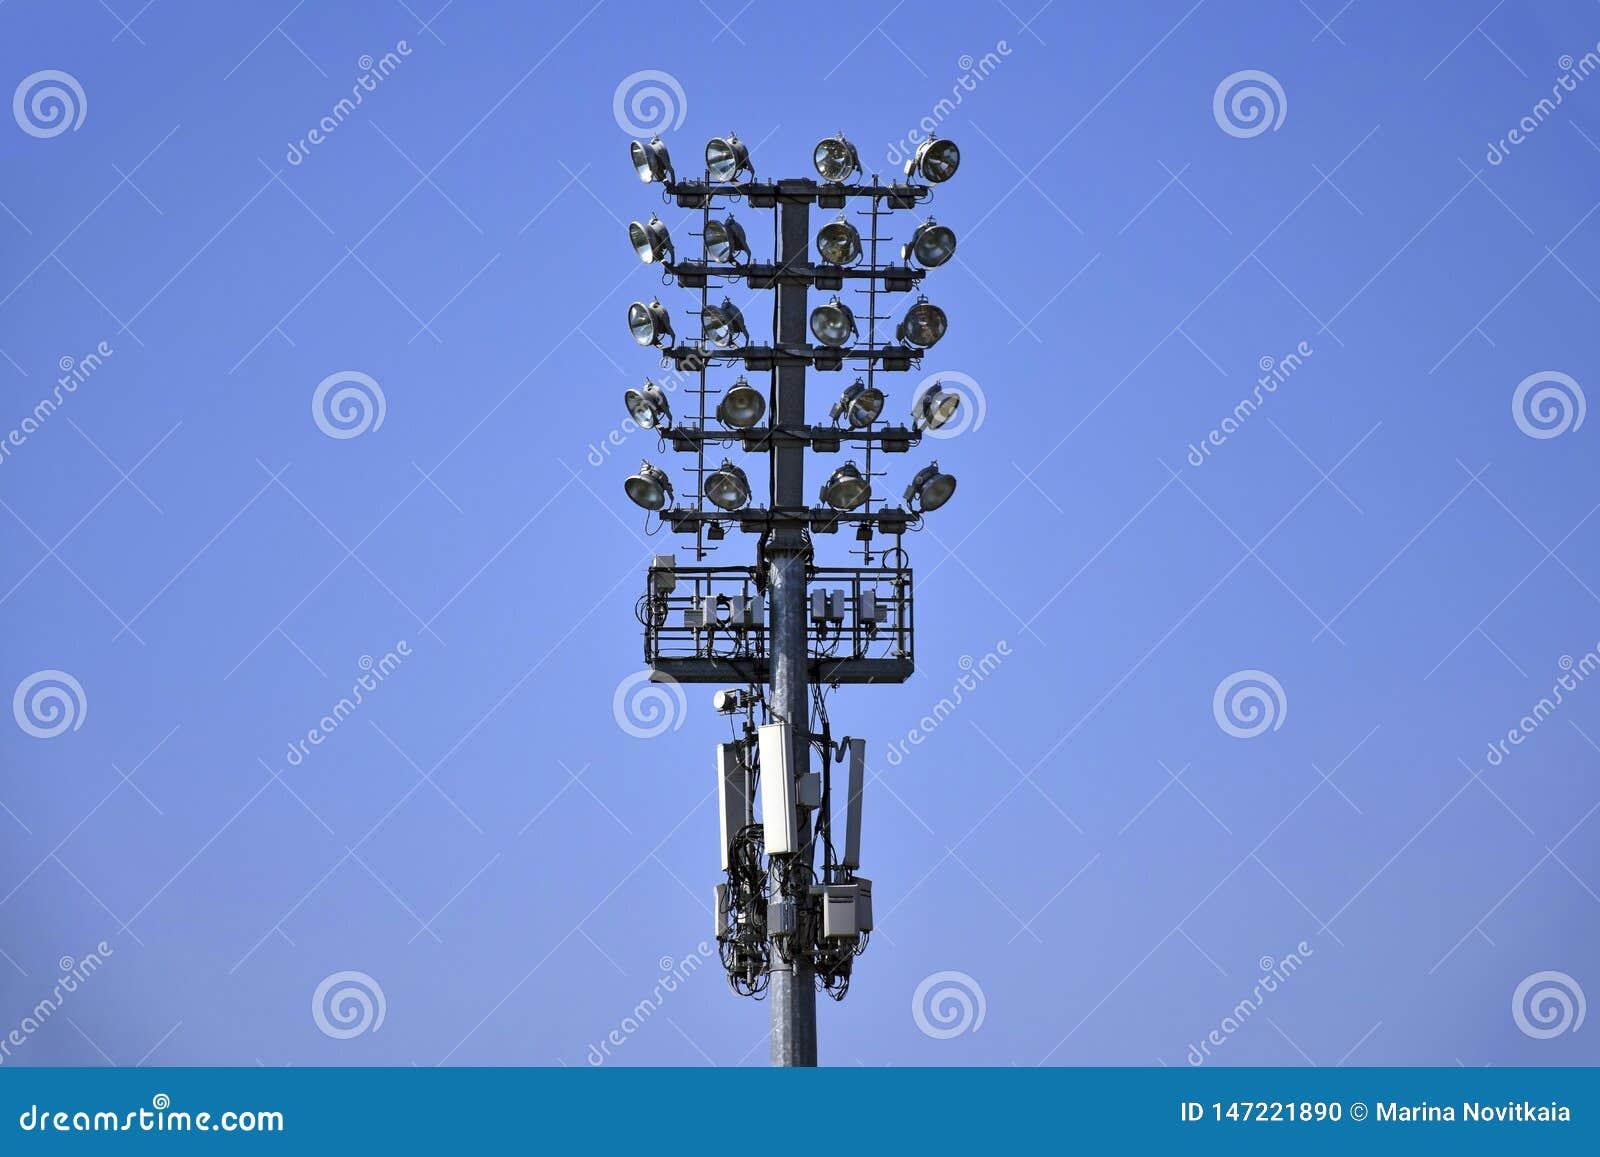 Grande torre de iluminação com os projetores e os altifalante instalados contra o céu sem nuvens azul brilhante